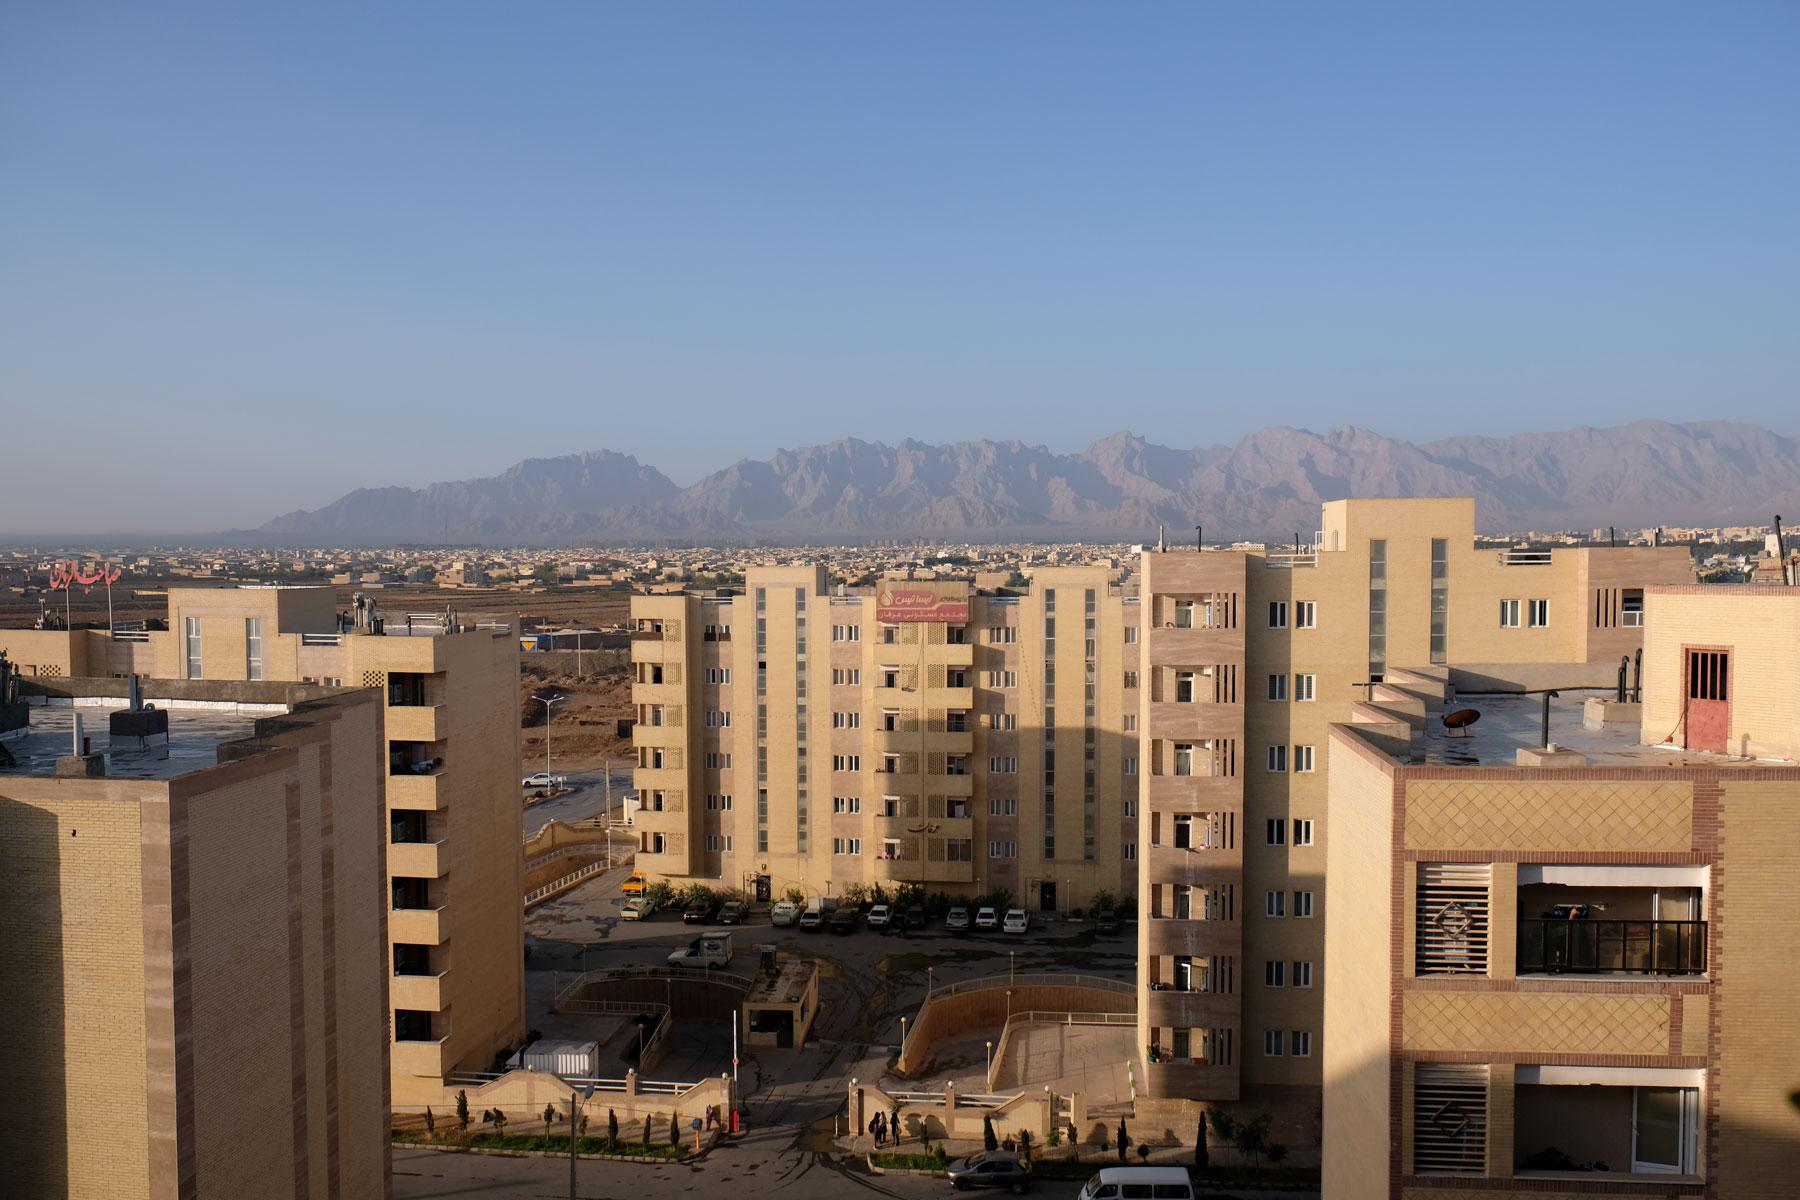 Blick vom Balkon von Mohammads und Minas Wohnung